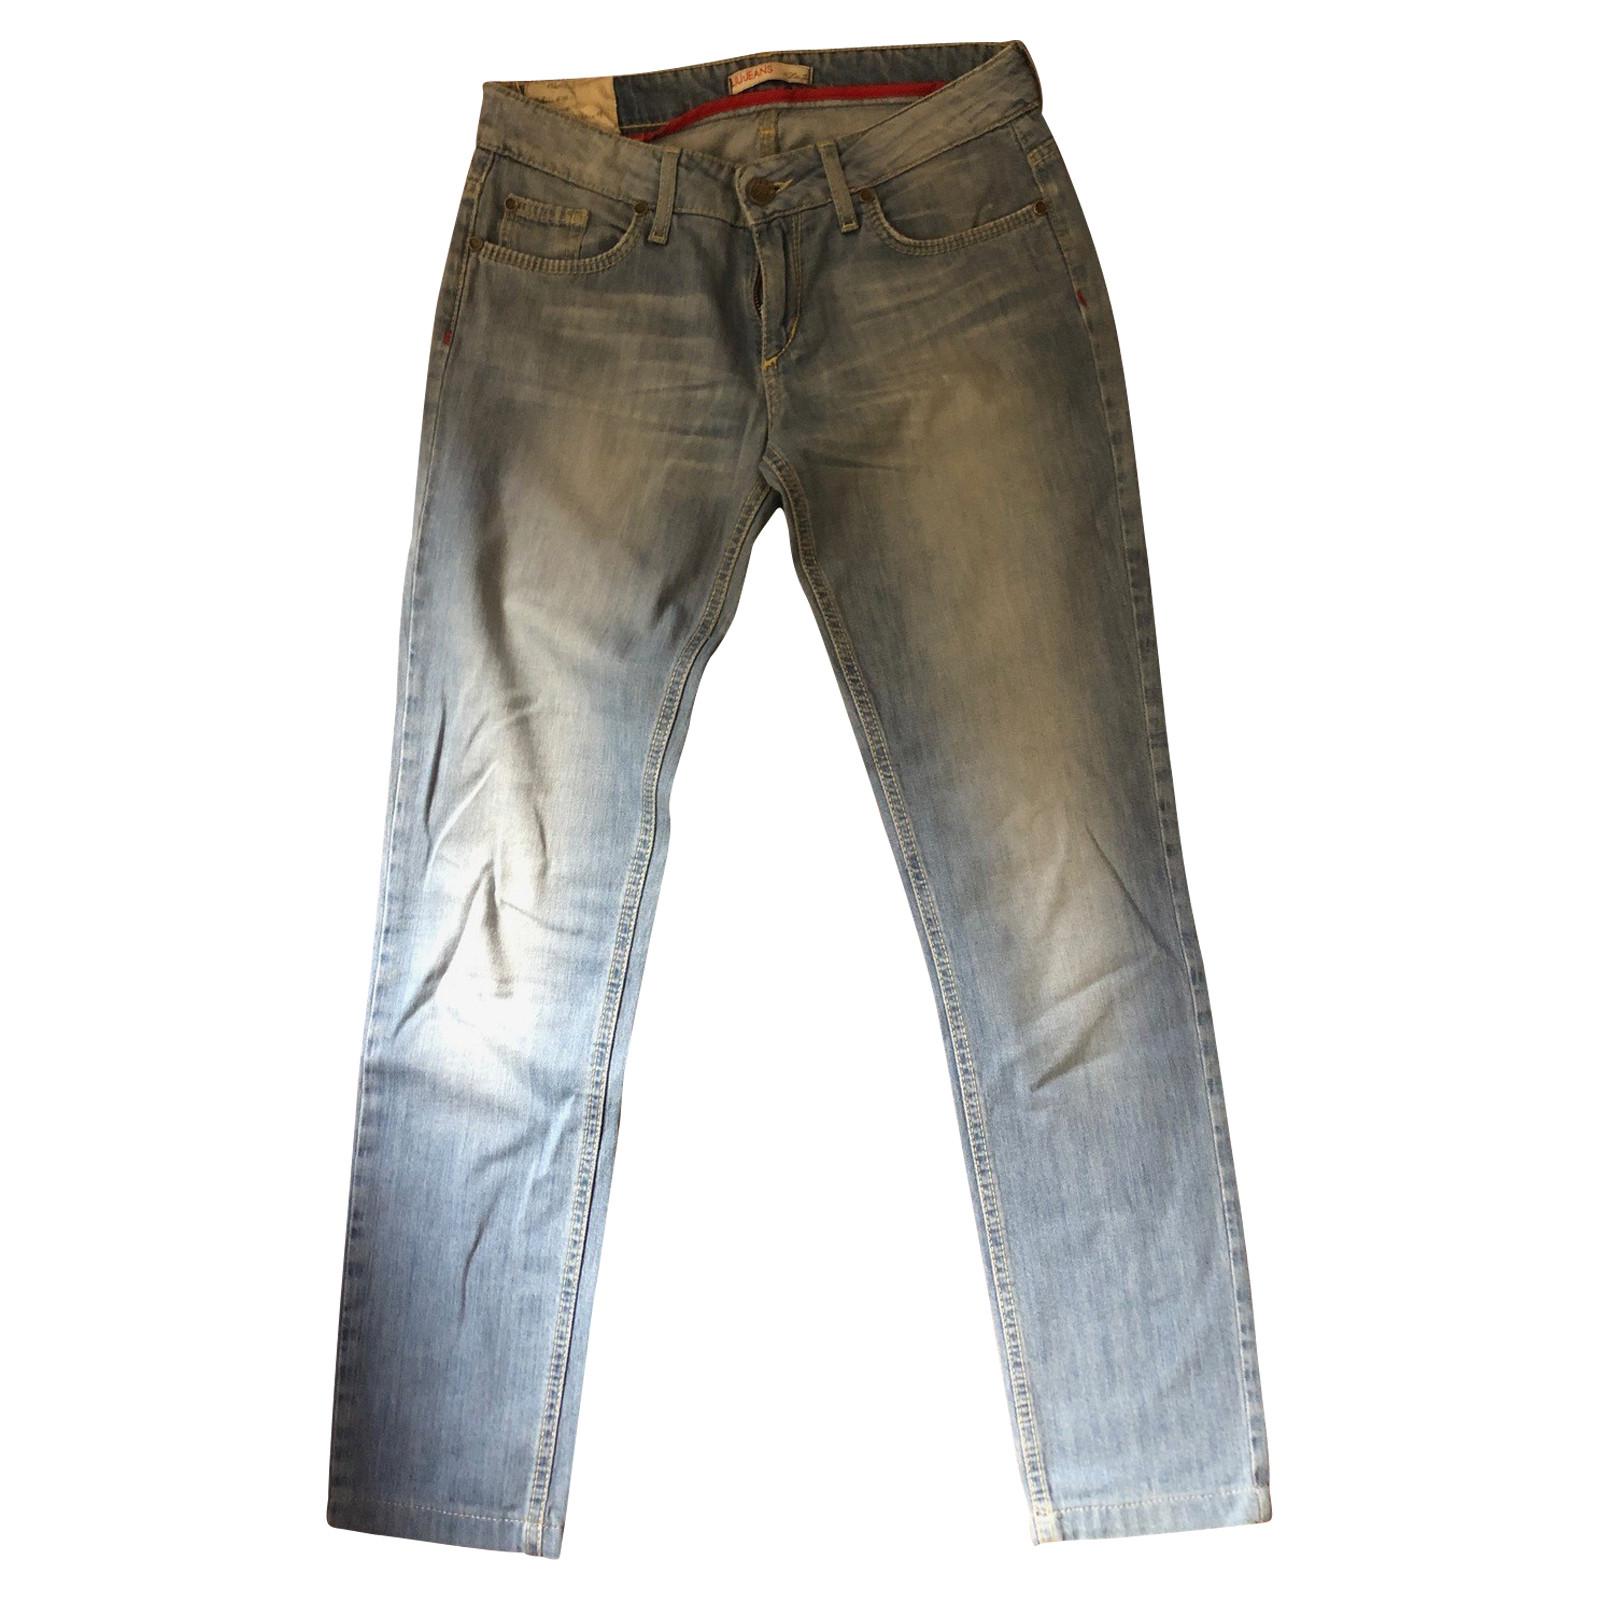 Decir la verdad Culpa lotería  Liu Jo Jeans Cotton in Blue - Second Hand Liu Jo Jeans Cotton in Blue buy  used for 70€ (3947245)